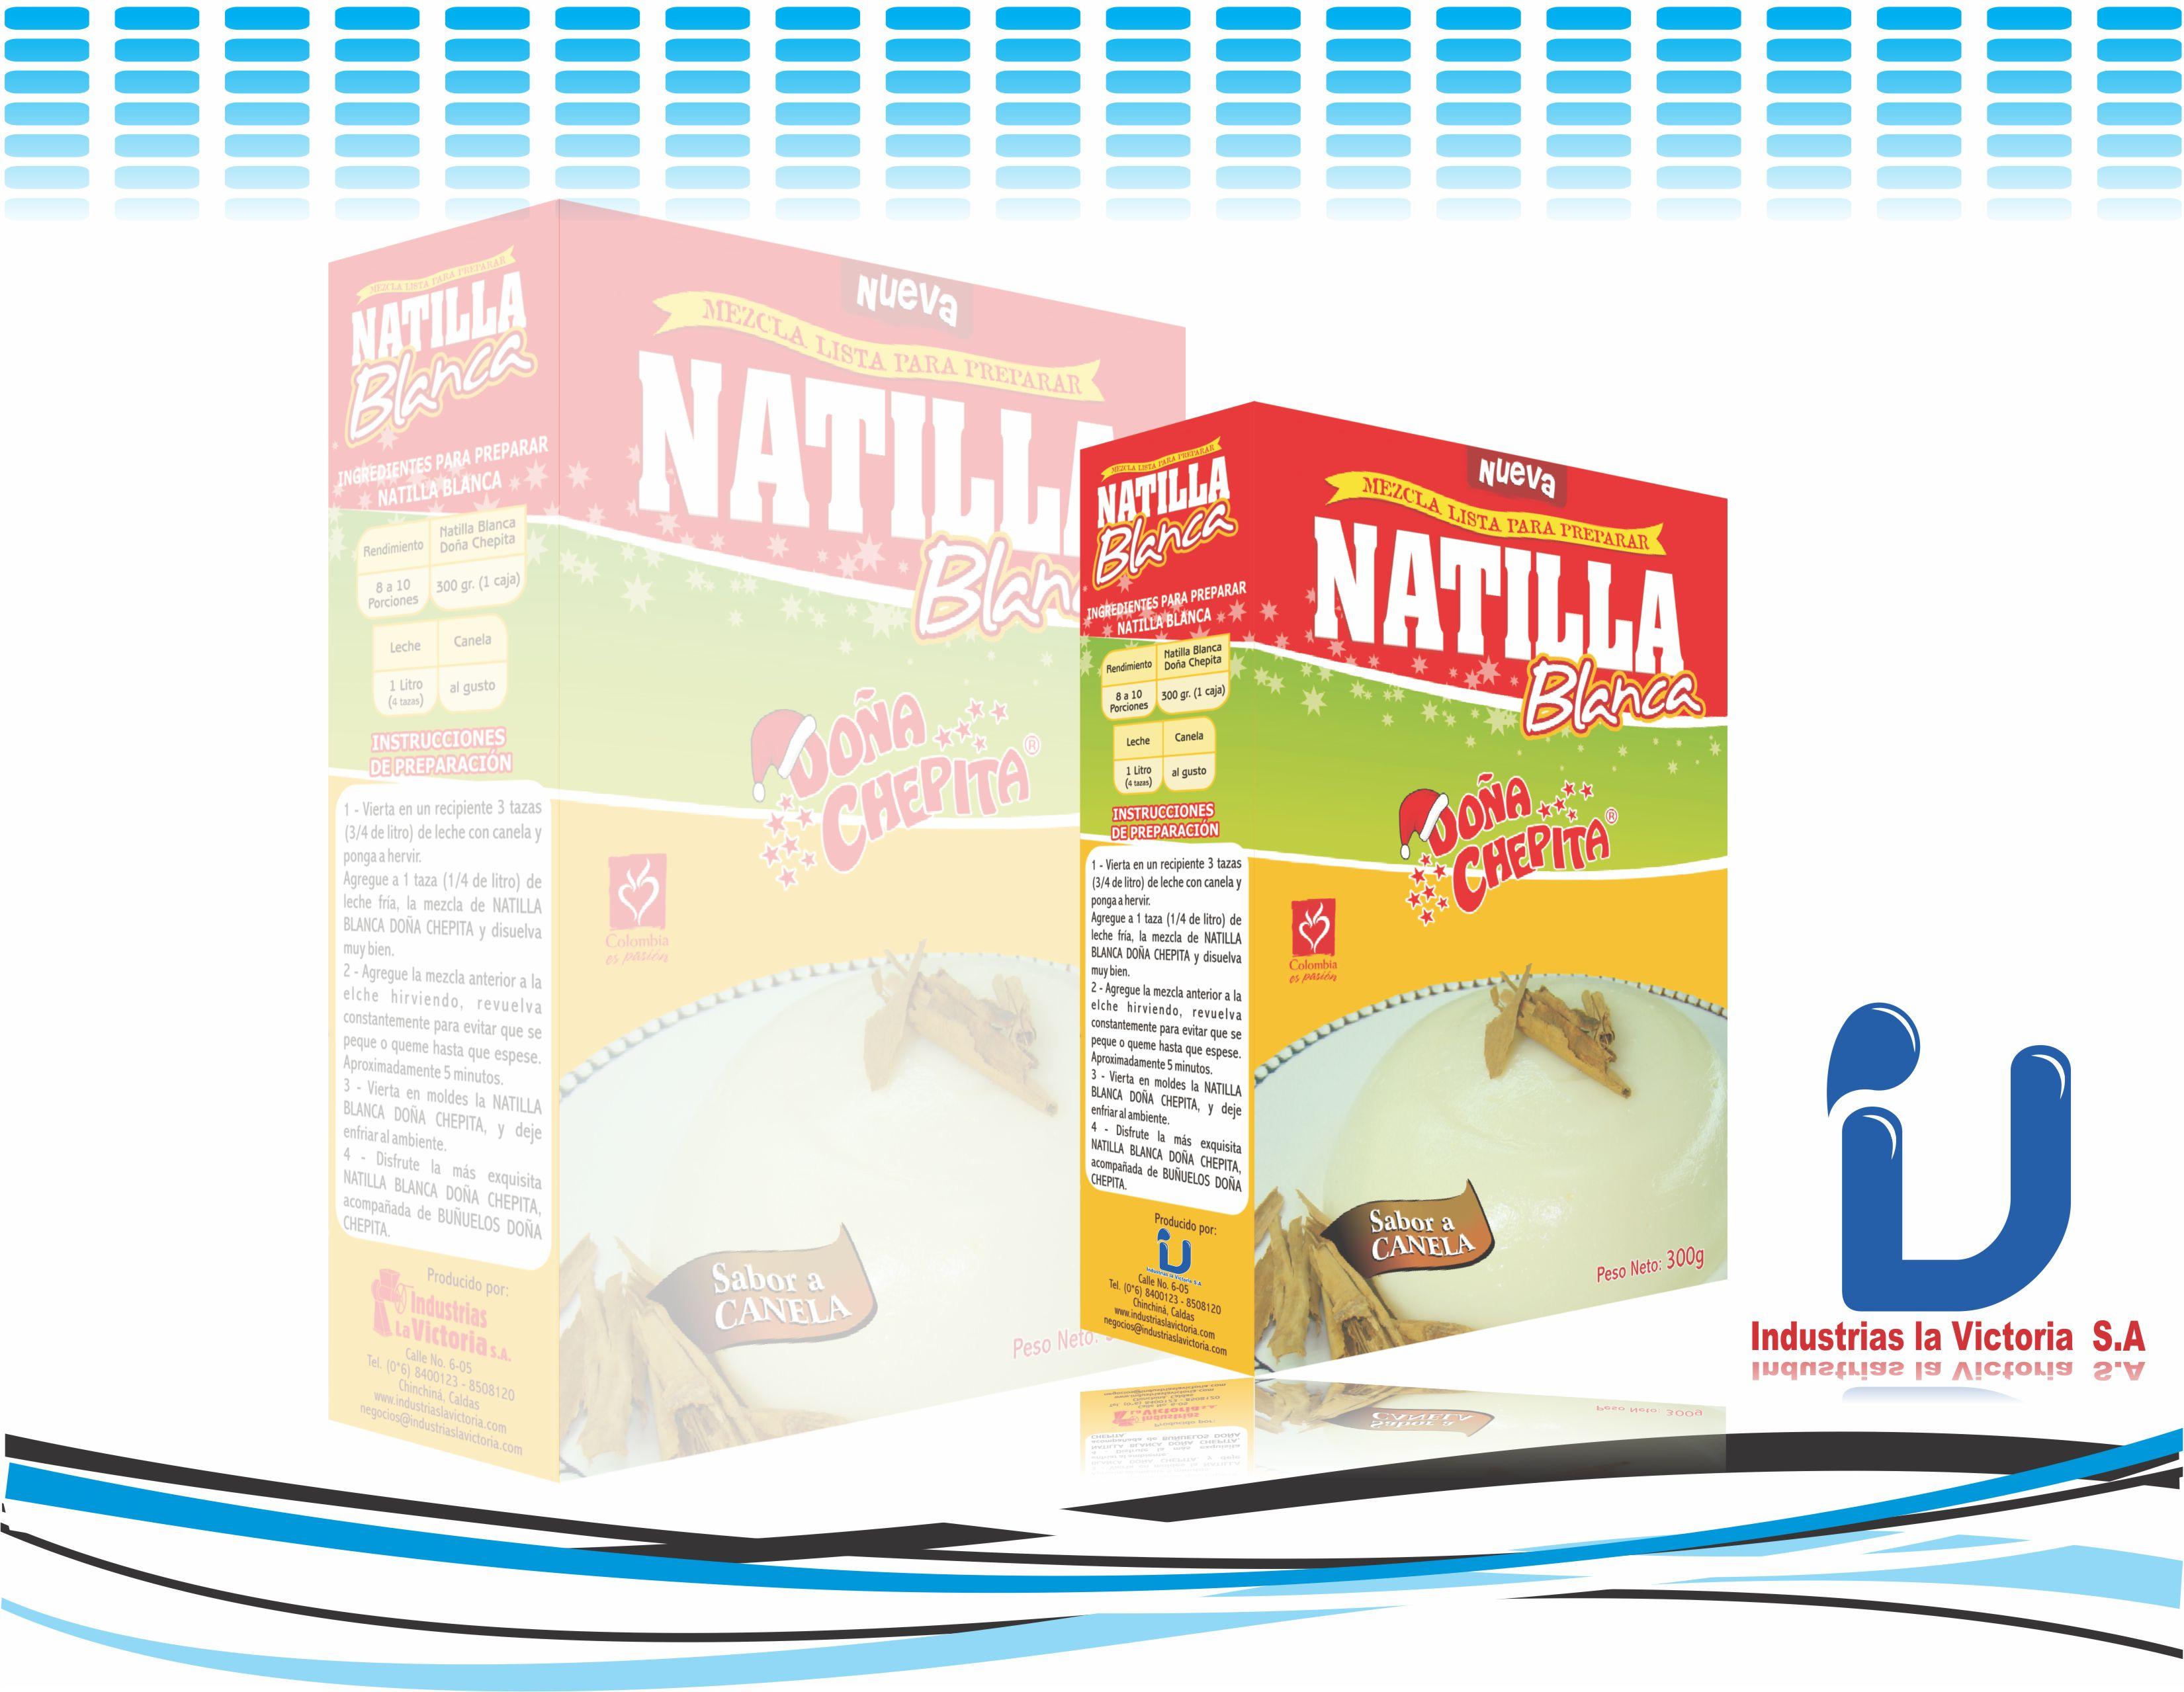 NATILLA DOÑA CHEPITA